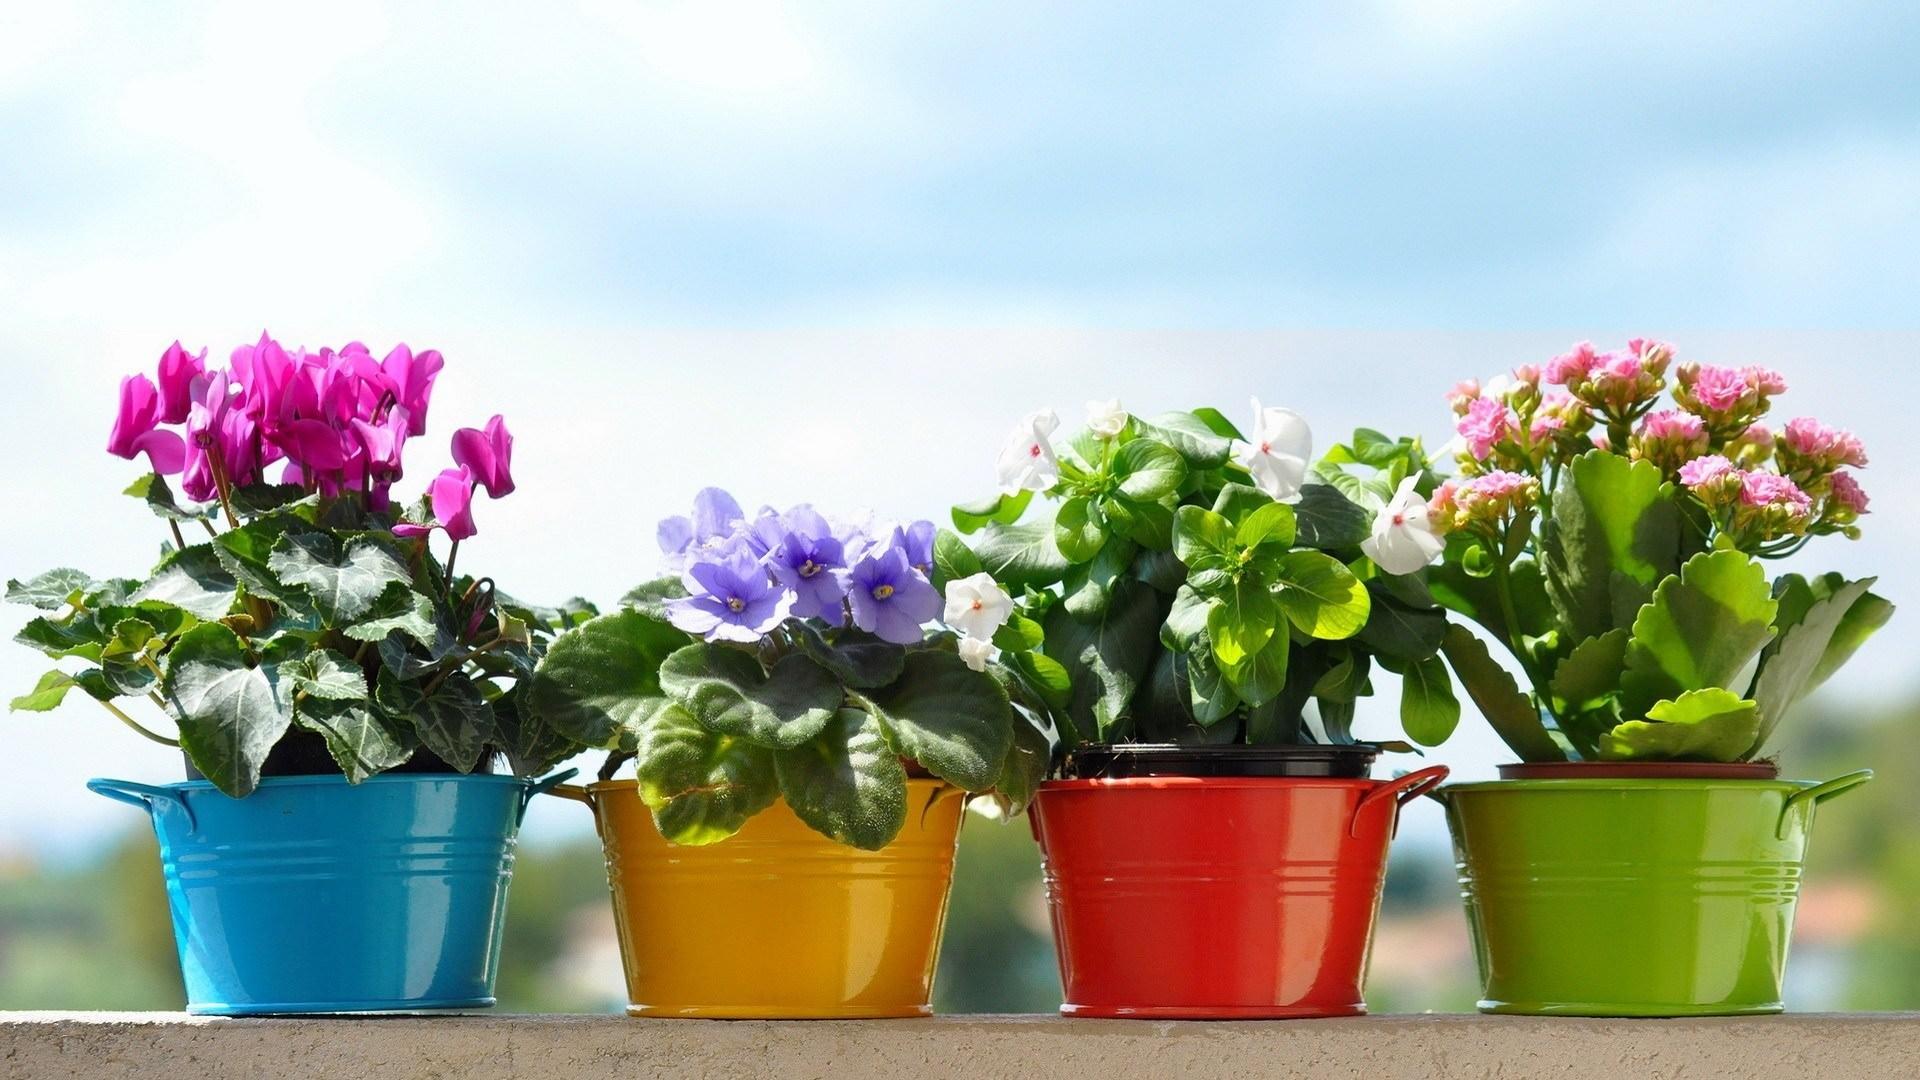 Цветы в горшках купить онлайн доставка цветов город нефтеюганск